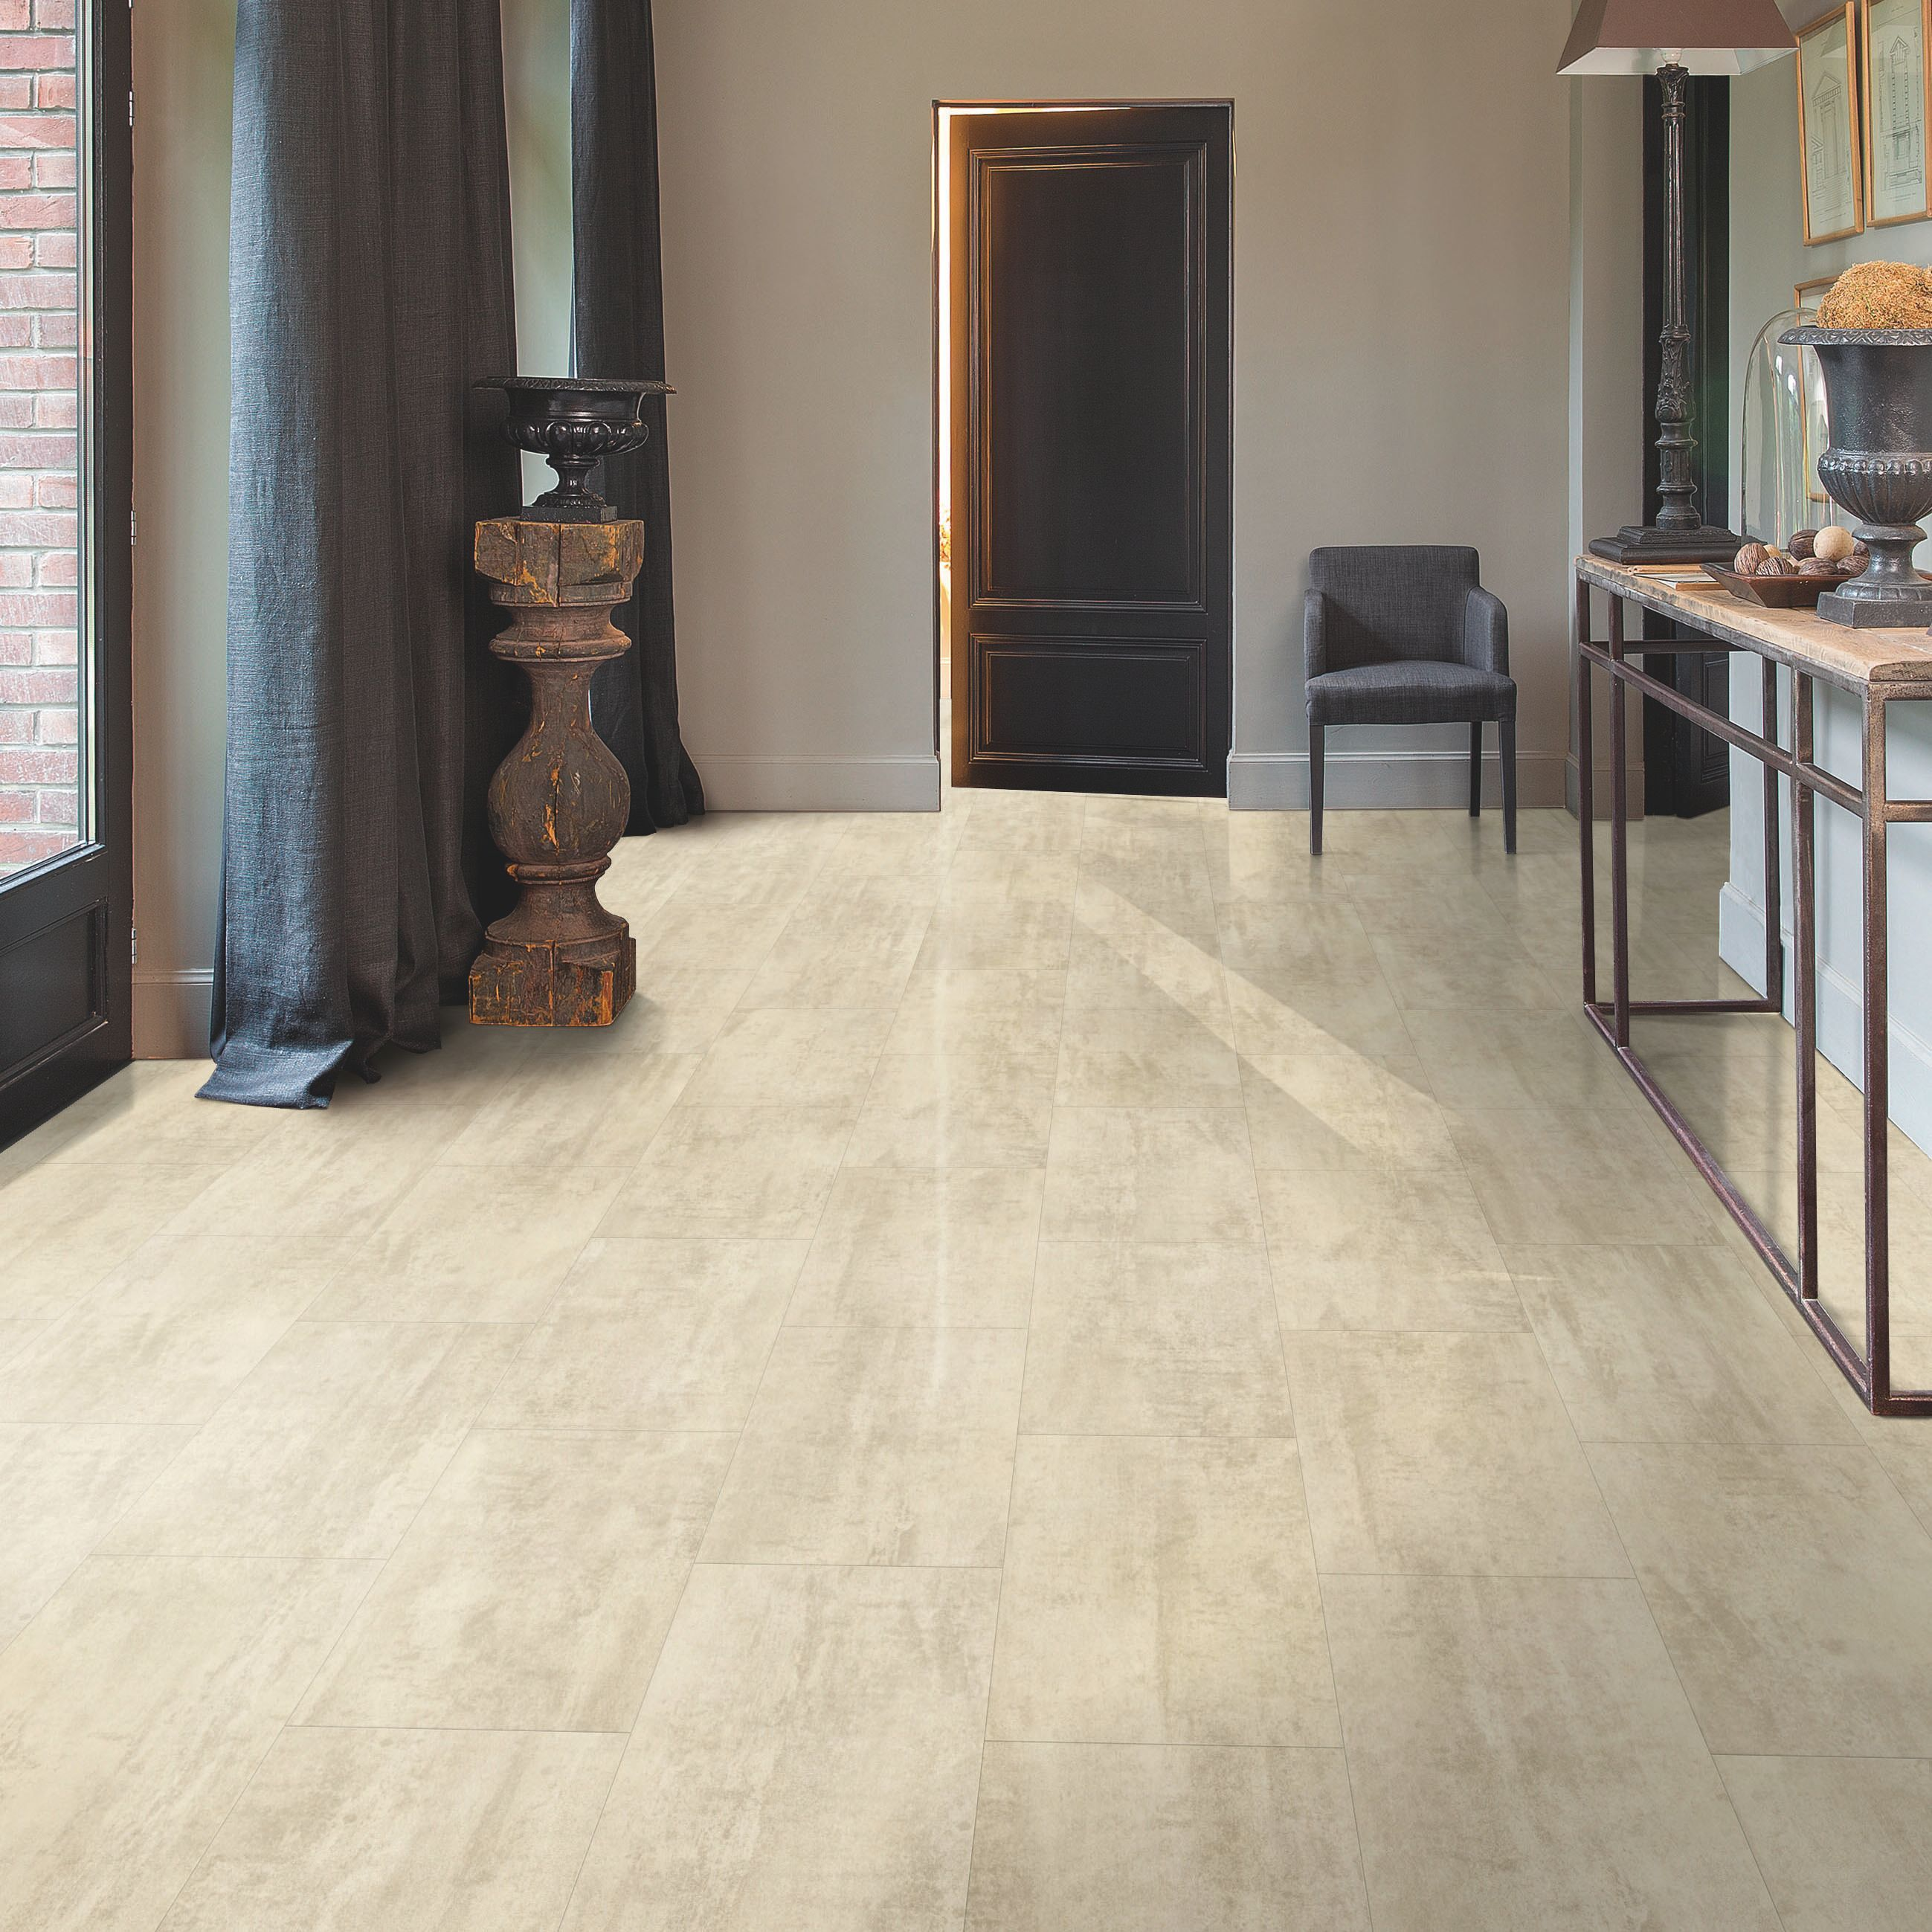 step lima beige travertine effect waterproof luxury vinyl flooring